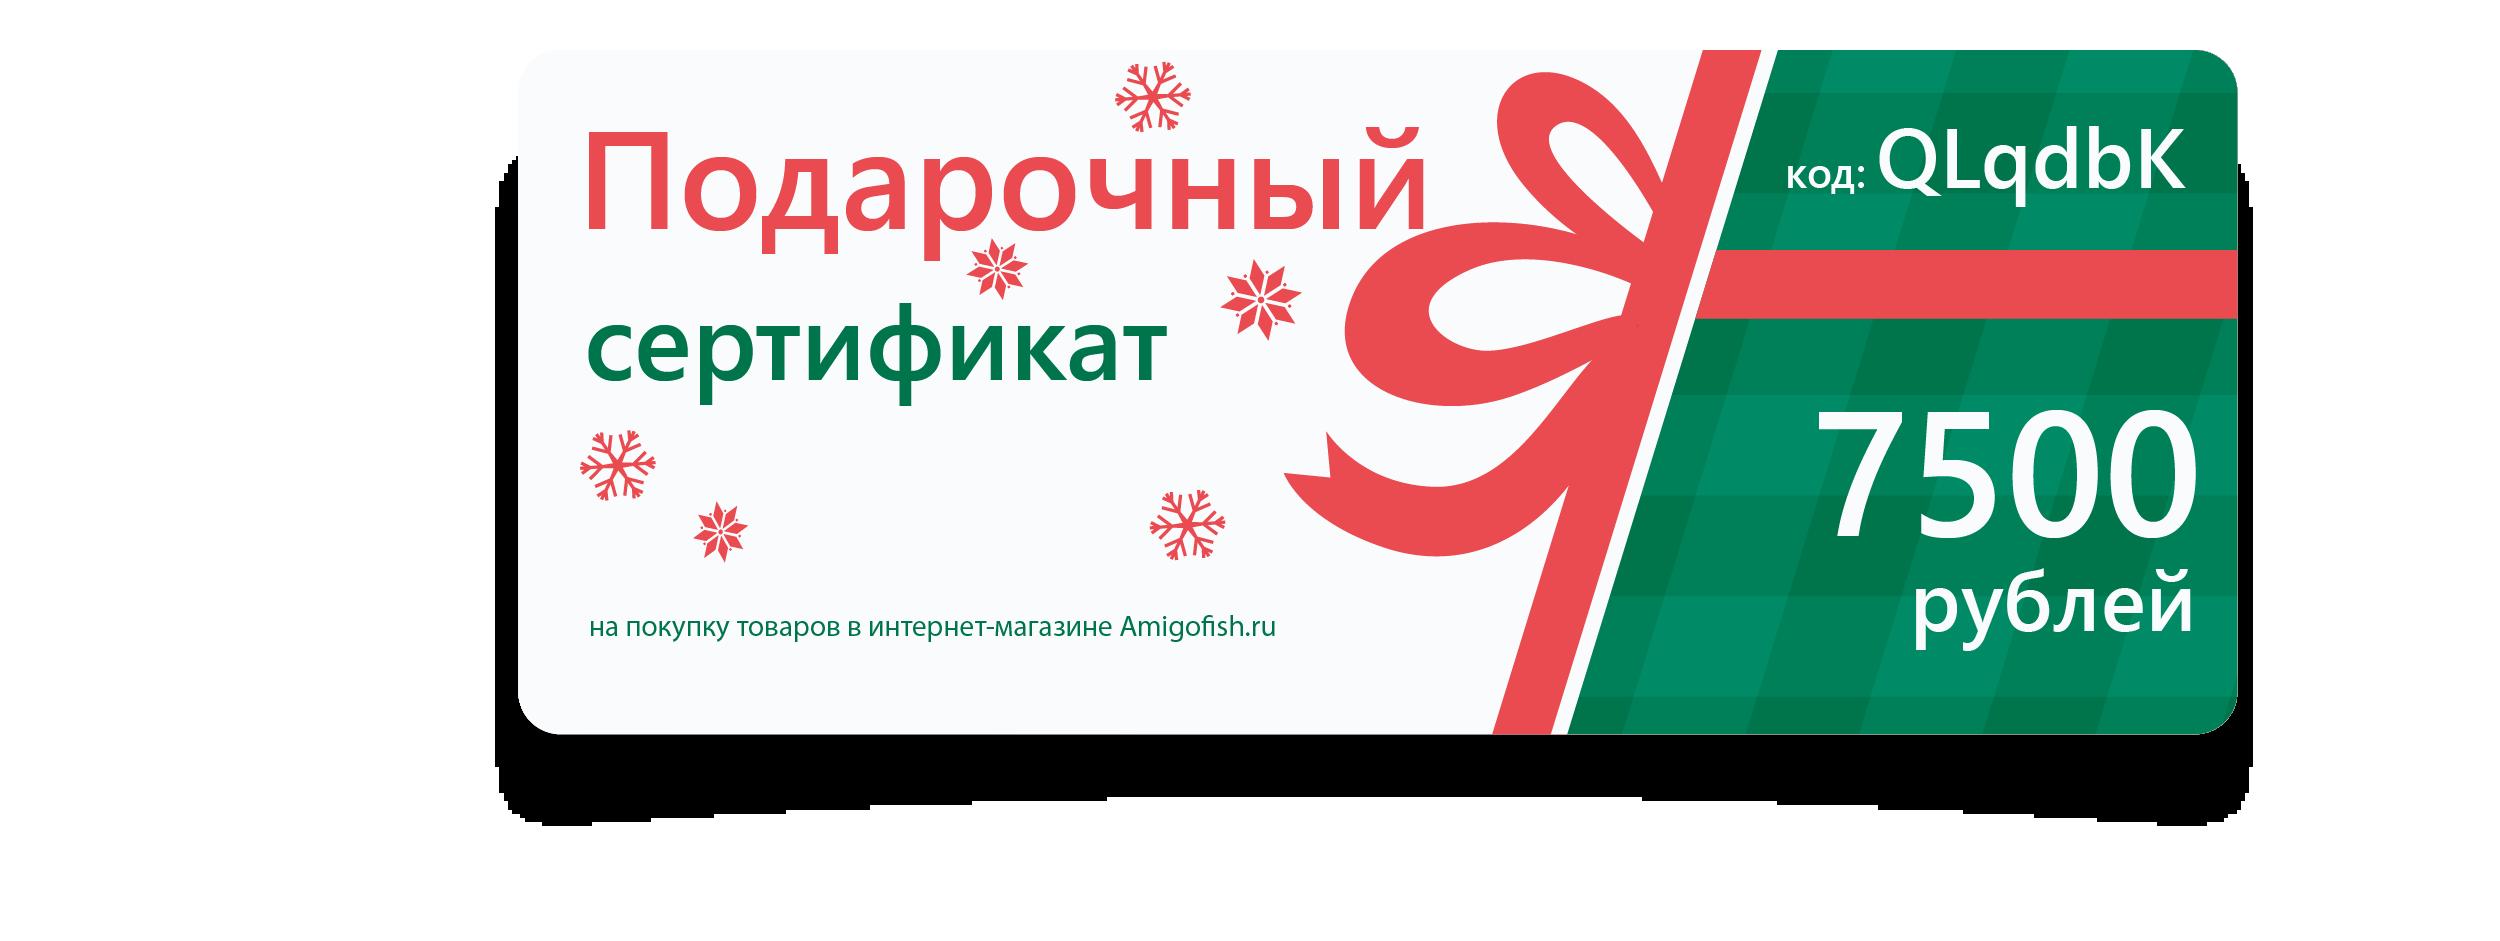 Подарочный сертификат на 7500 руб.